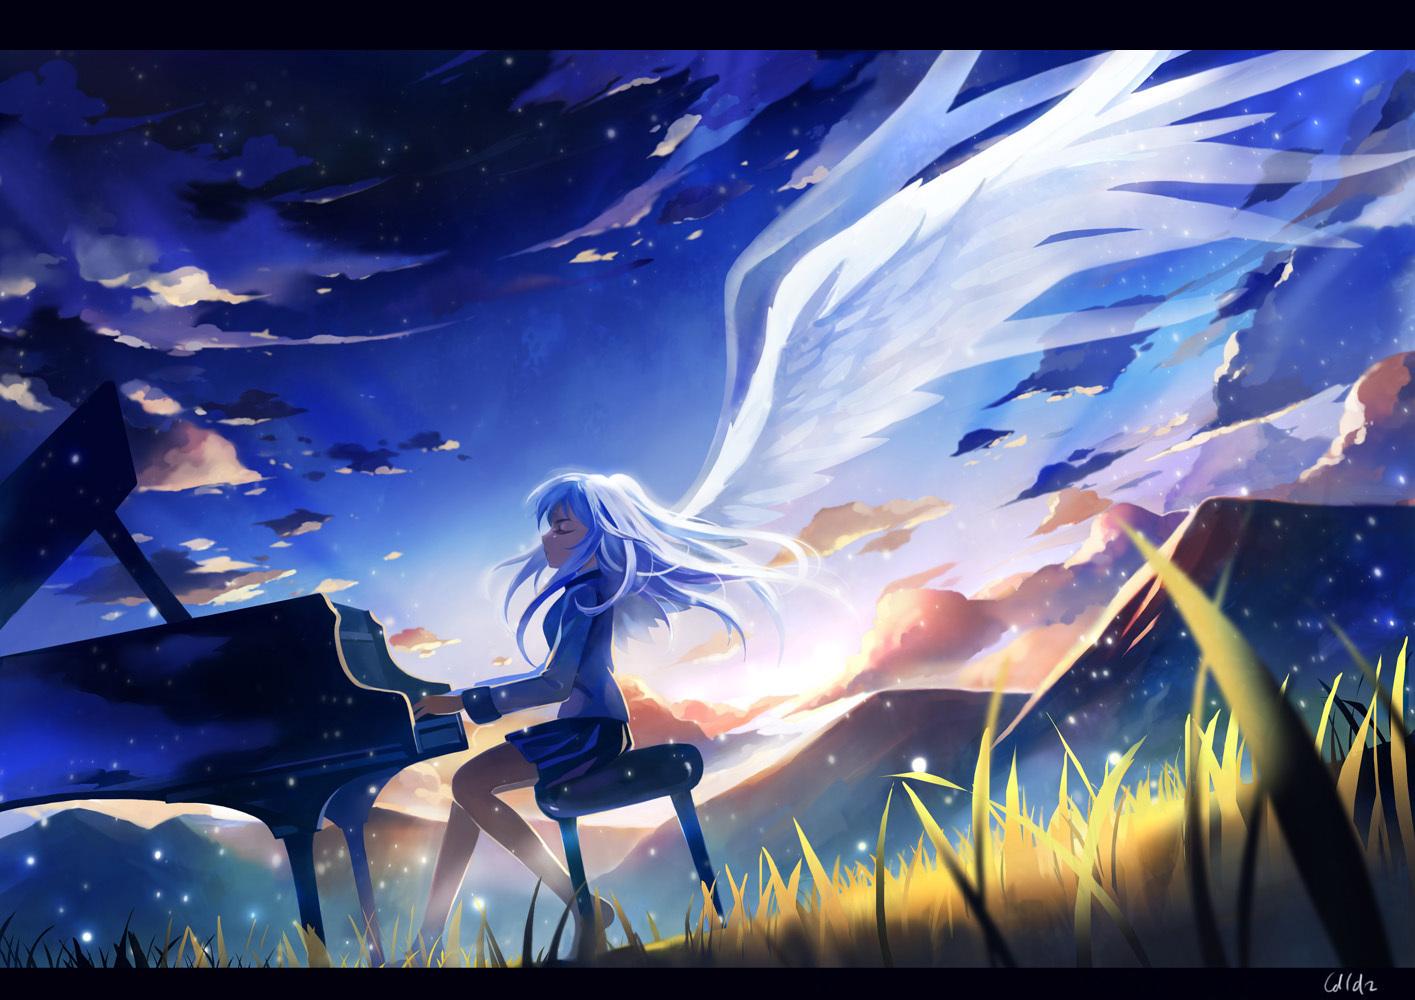 http://4.bp.blogspot.com/-5uG9prGYWxA/UHifO_kKrZI/AAAAAAAAMD0/FY03siY2NHs/s1600/angel-beats-piano-kanade.jpg